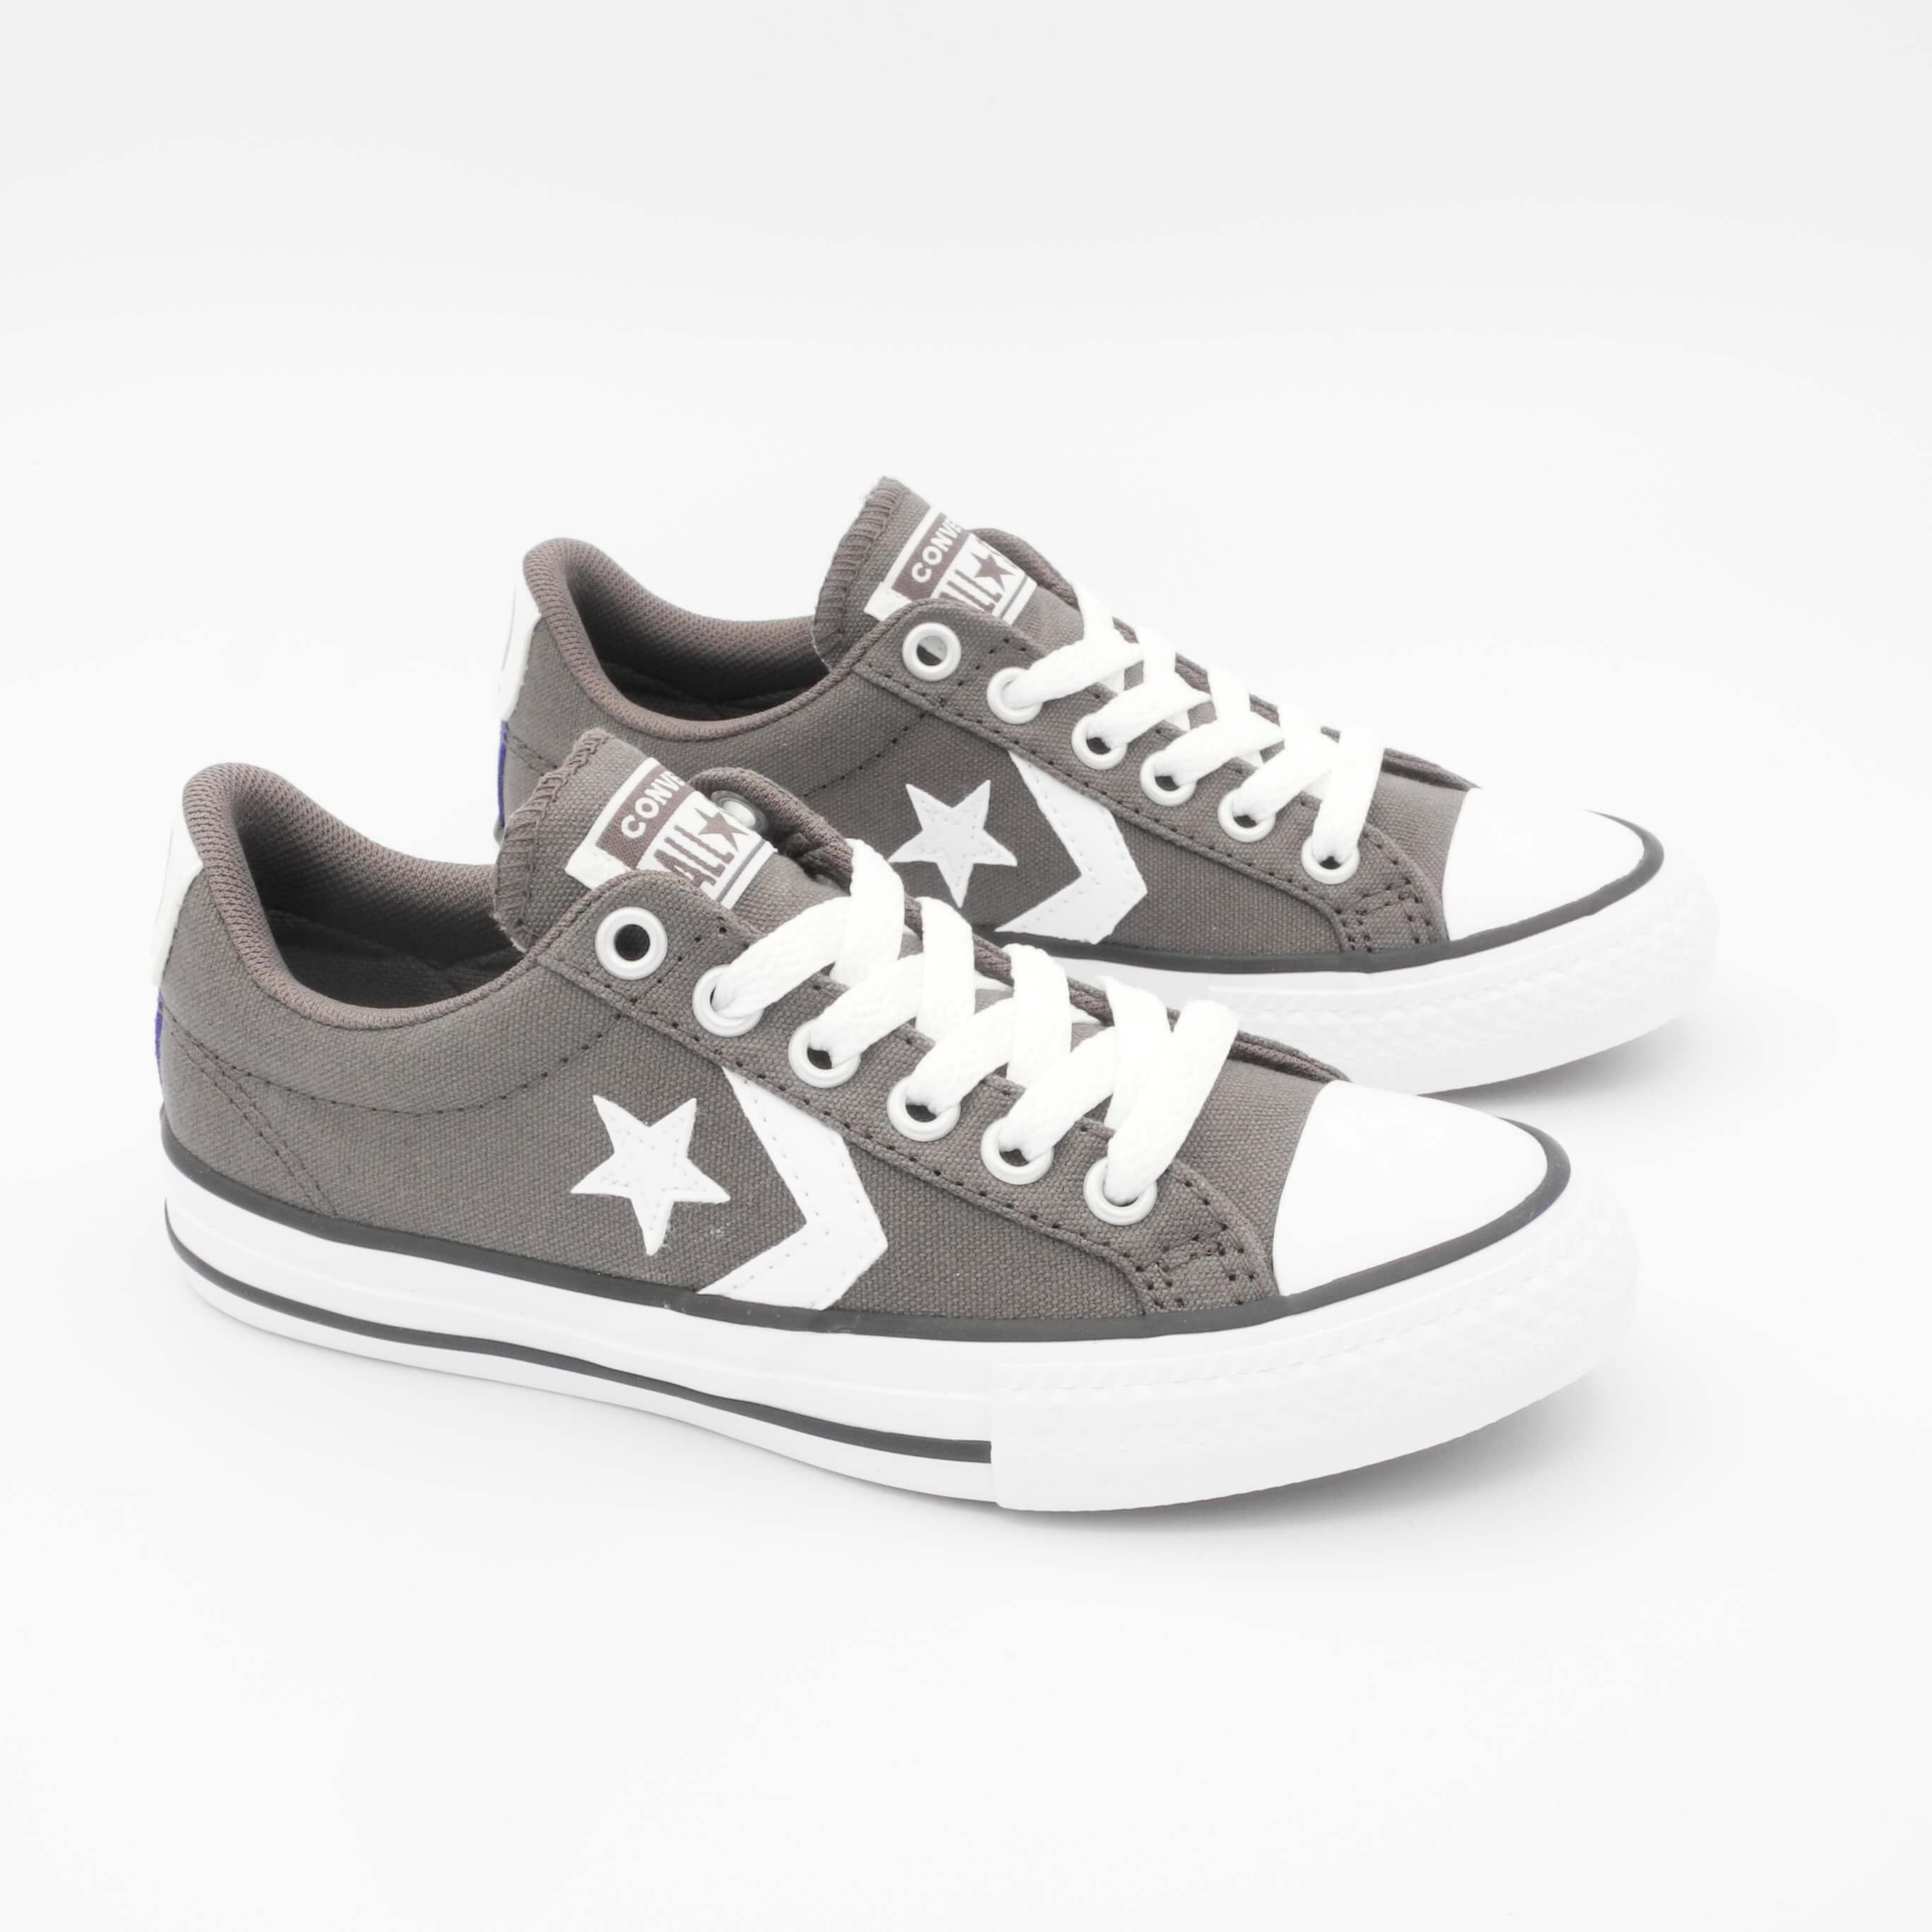 Sneaker basse bambini Converse Star Player OX tessuto grigio lacci 663655C